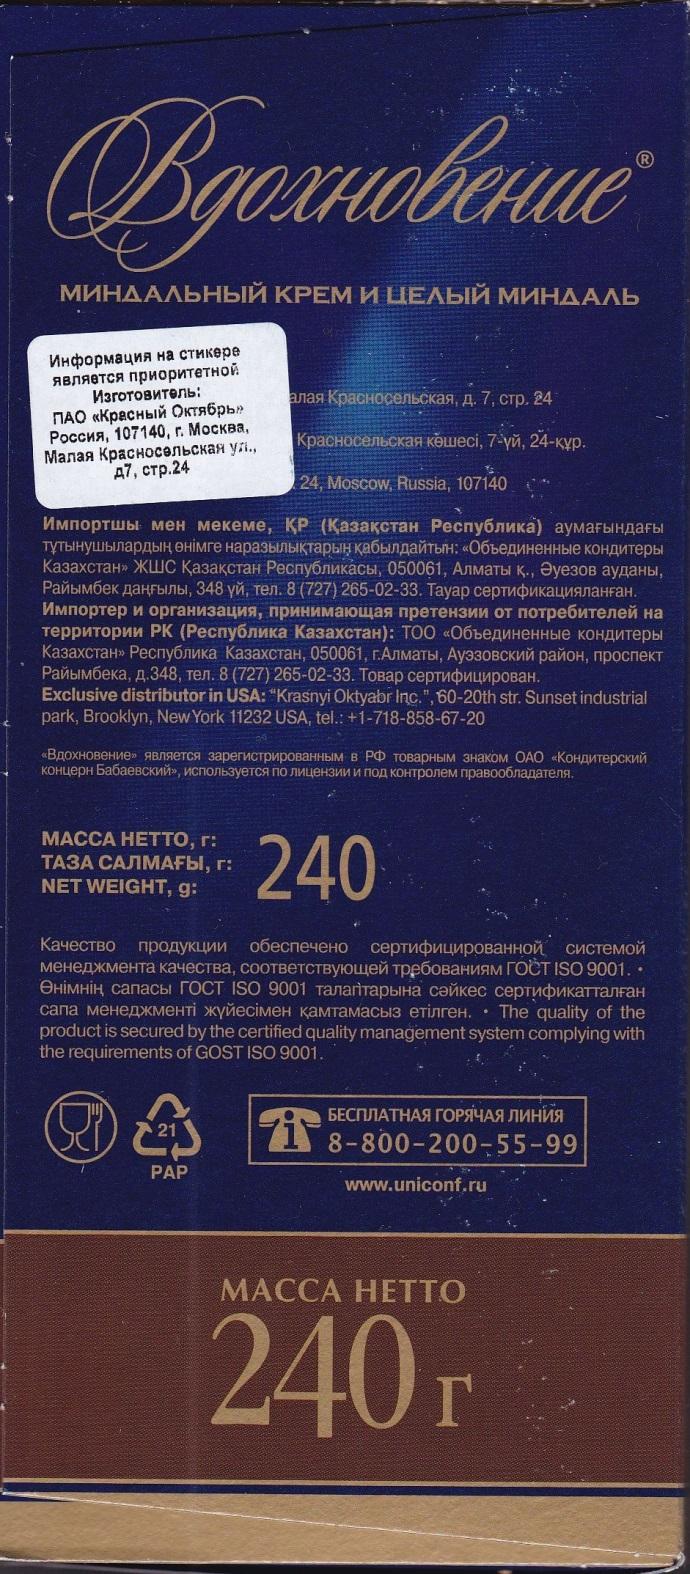 C:\Users\Boijchuk.SLENERGO\Desktop\IMG_20200214_0002.jpg